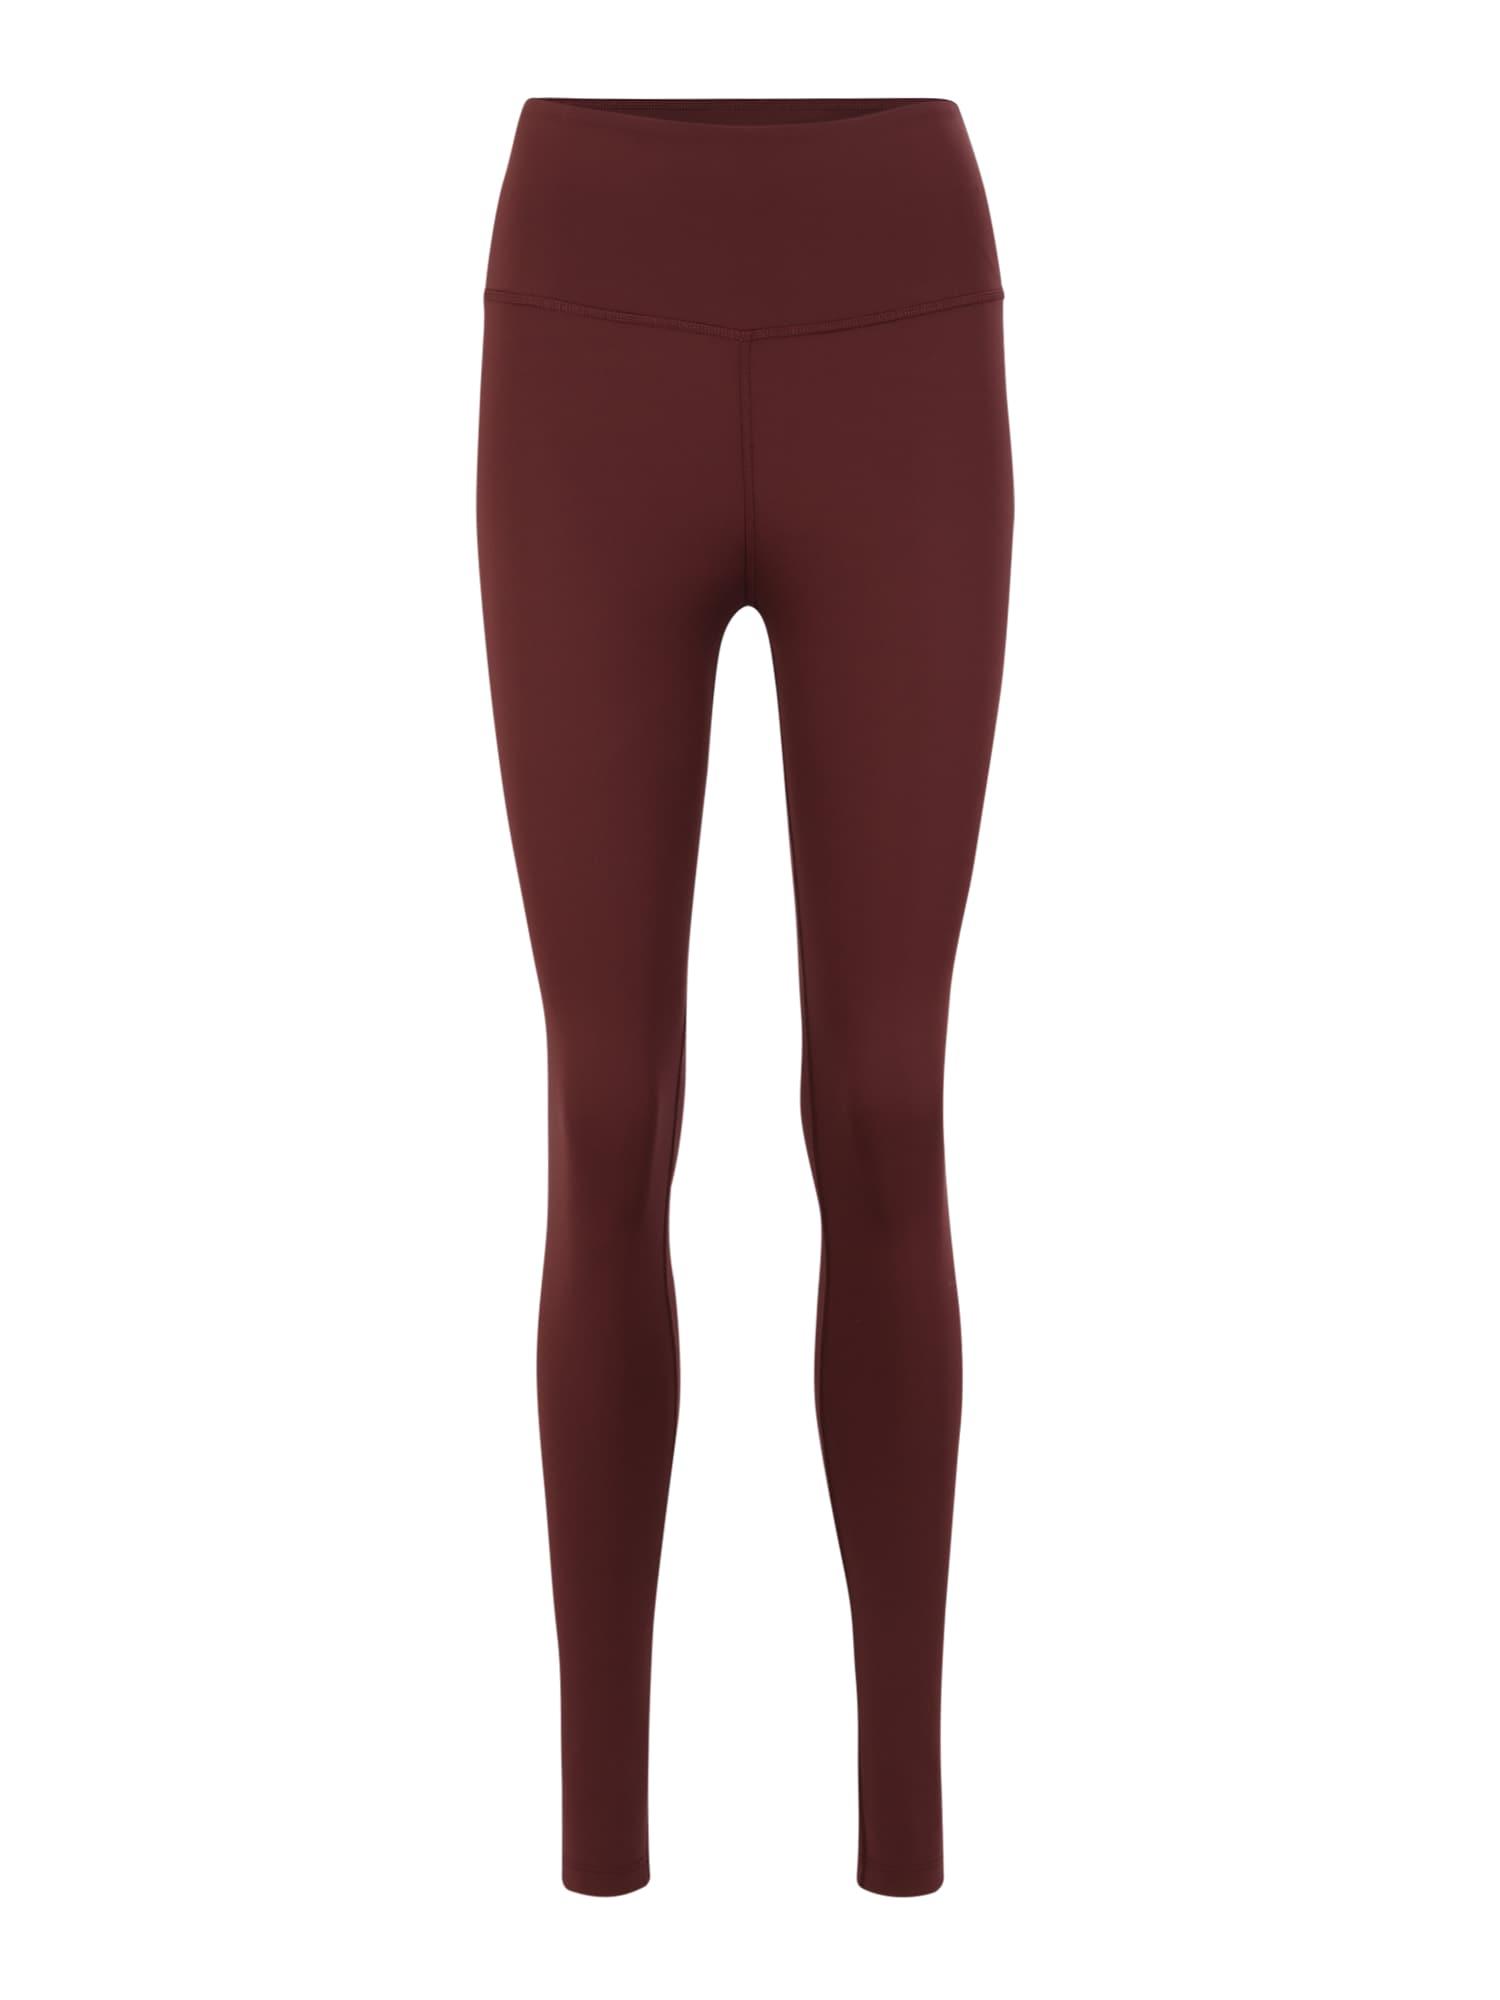 Sportovní kalhoty SHIFT MEDIUM burgundská červeň bílá ODLO